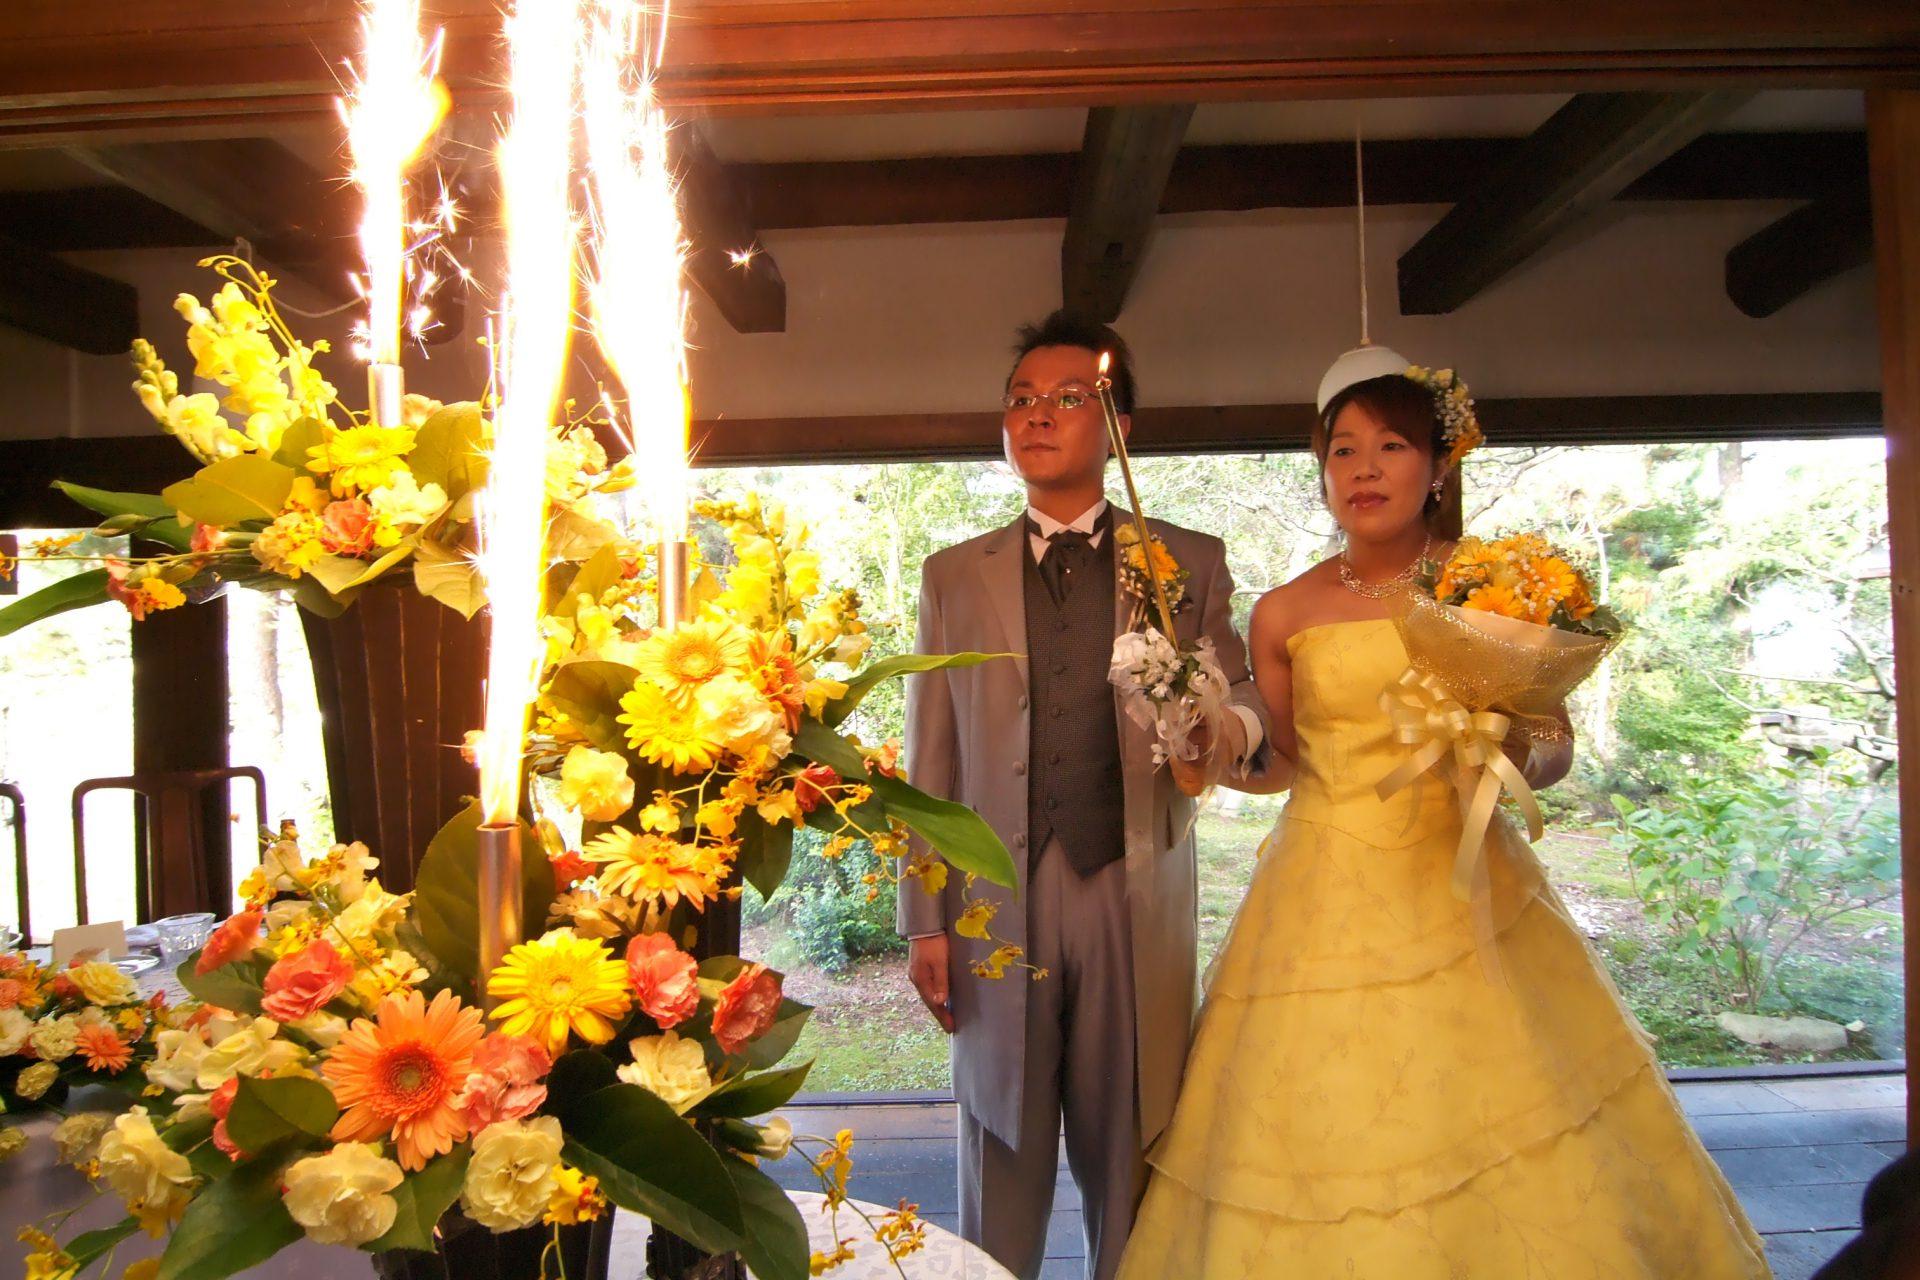 ノラ・クチーナ 結婚式